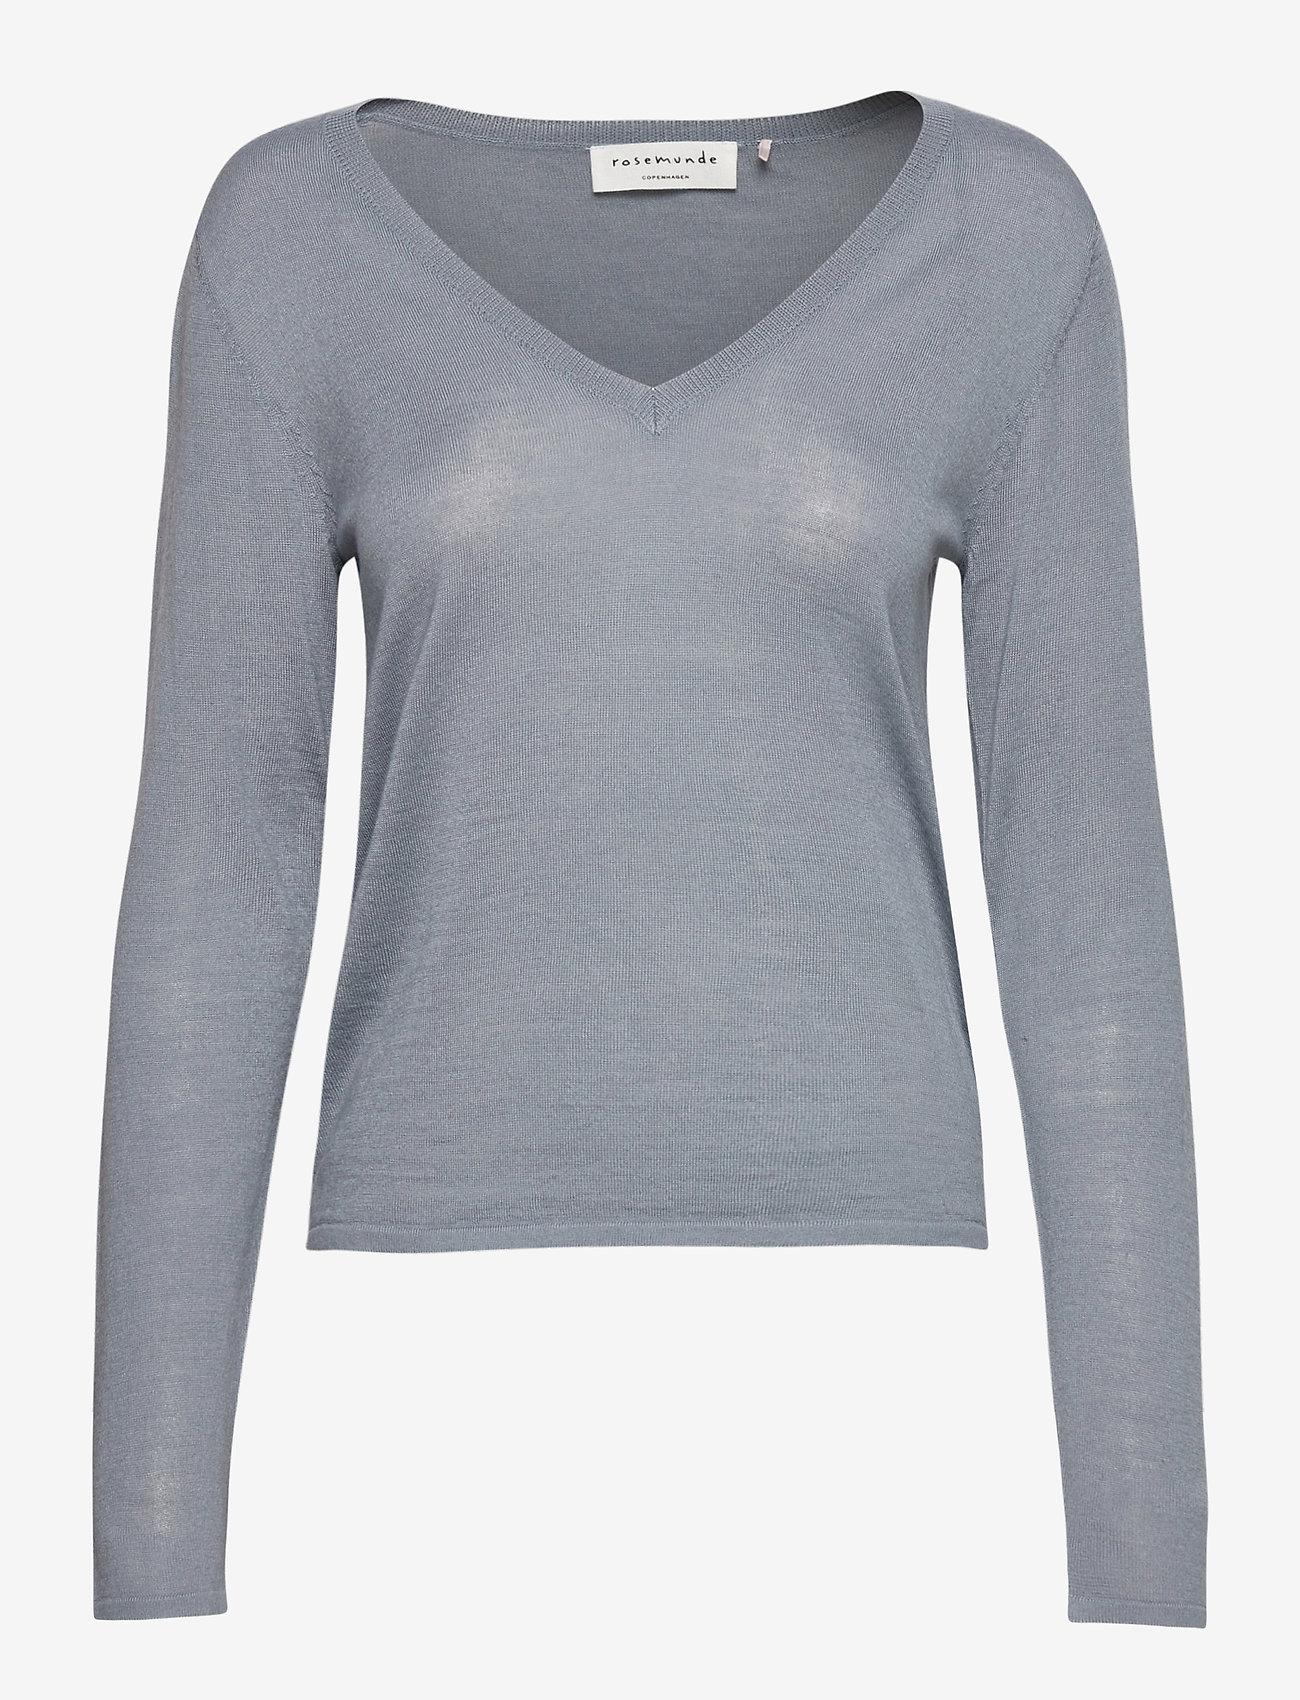 Rosemunde - Merino pullover ls - tröjor - mist - 0